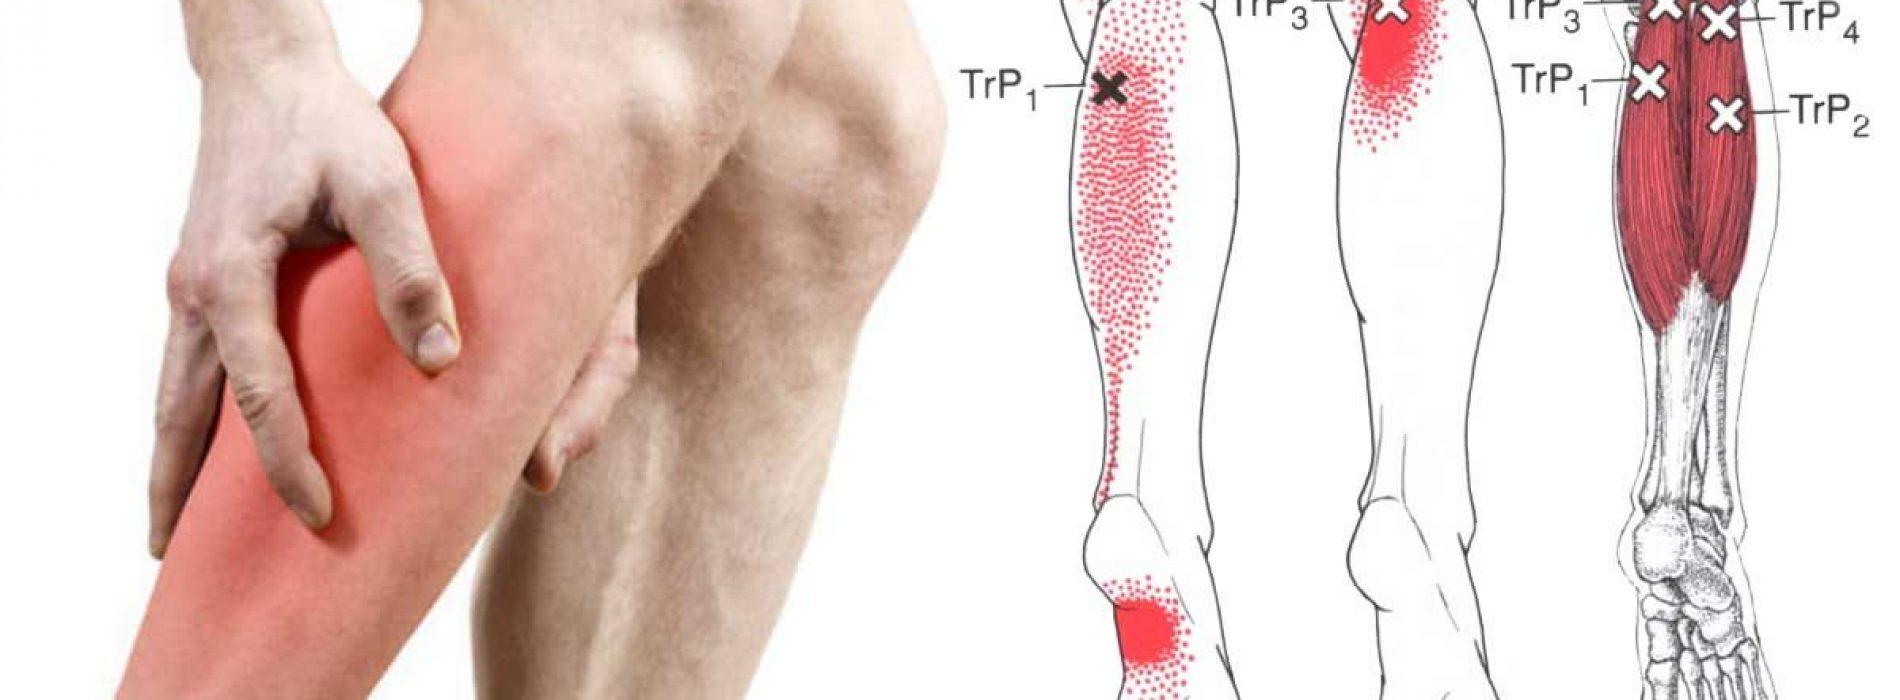 Hier is een eenvoudige remedie voor het rusteloze benen syndroom waar iedereen bij zweert